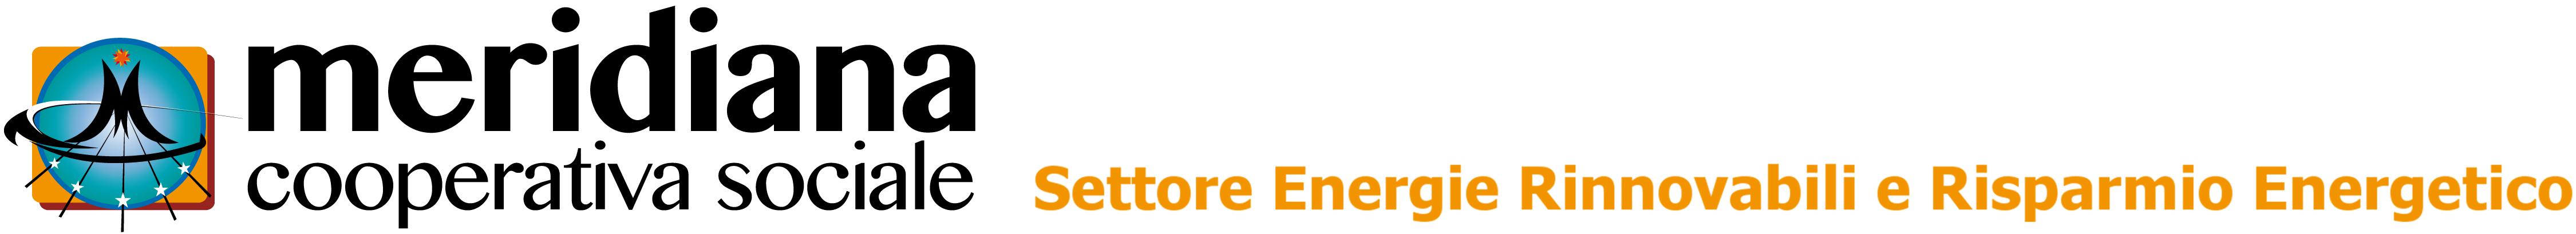 Meridiana Energie